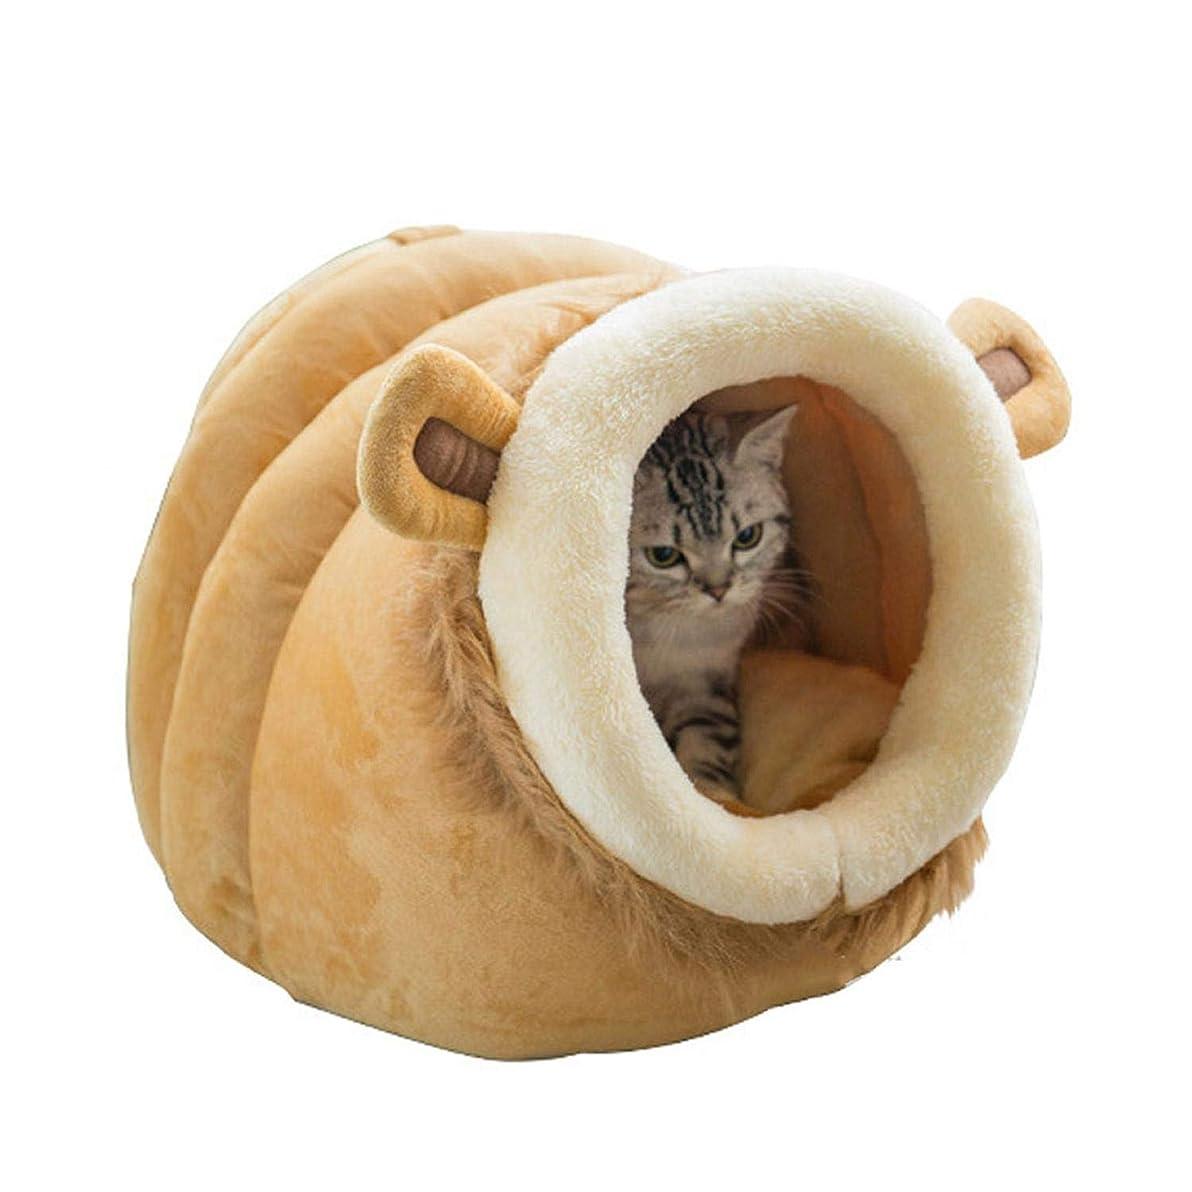 事業代数的外交官3サイズペットベッドクリエイティブ動物犬ベッド羊牛形状ペットマット冬暖かい巣ペット猫犬犬小屋ベッドソファ寝袋ハウススタイル1-48x45x38cm